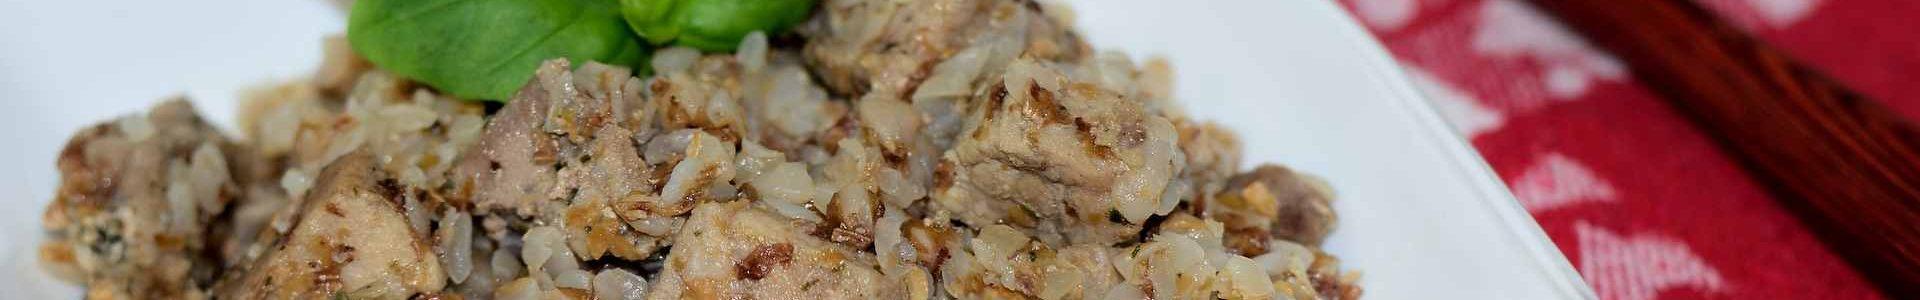 Гречка в горшочке с мясом